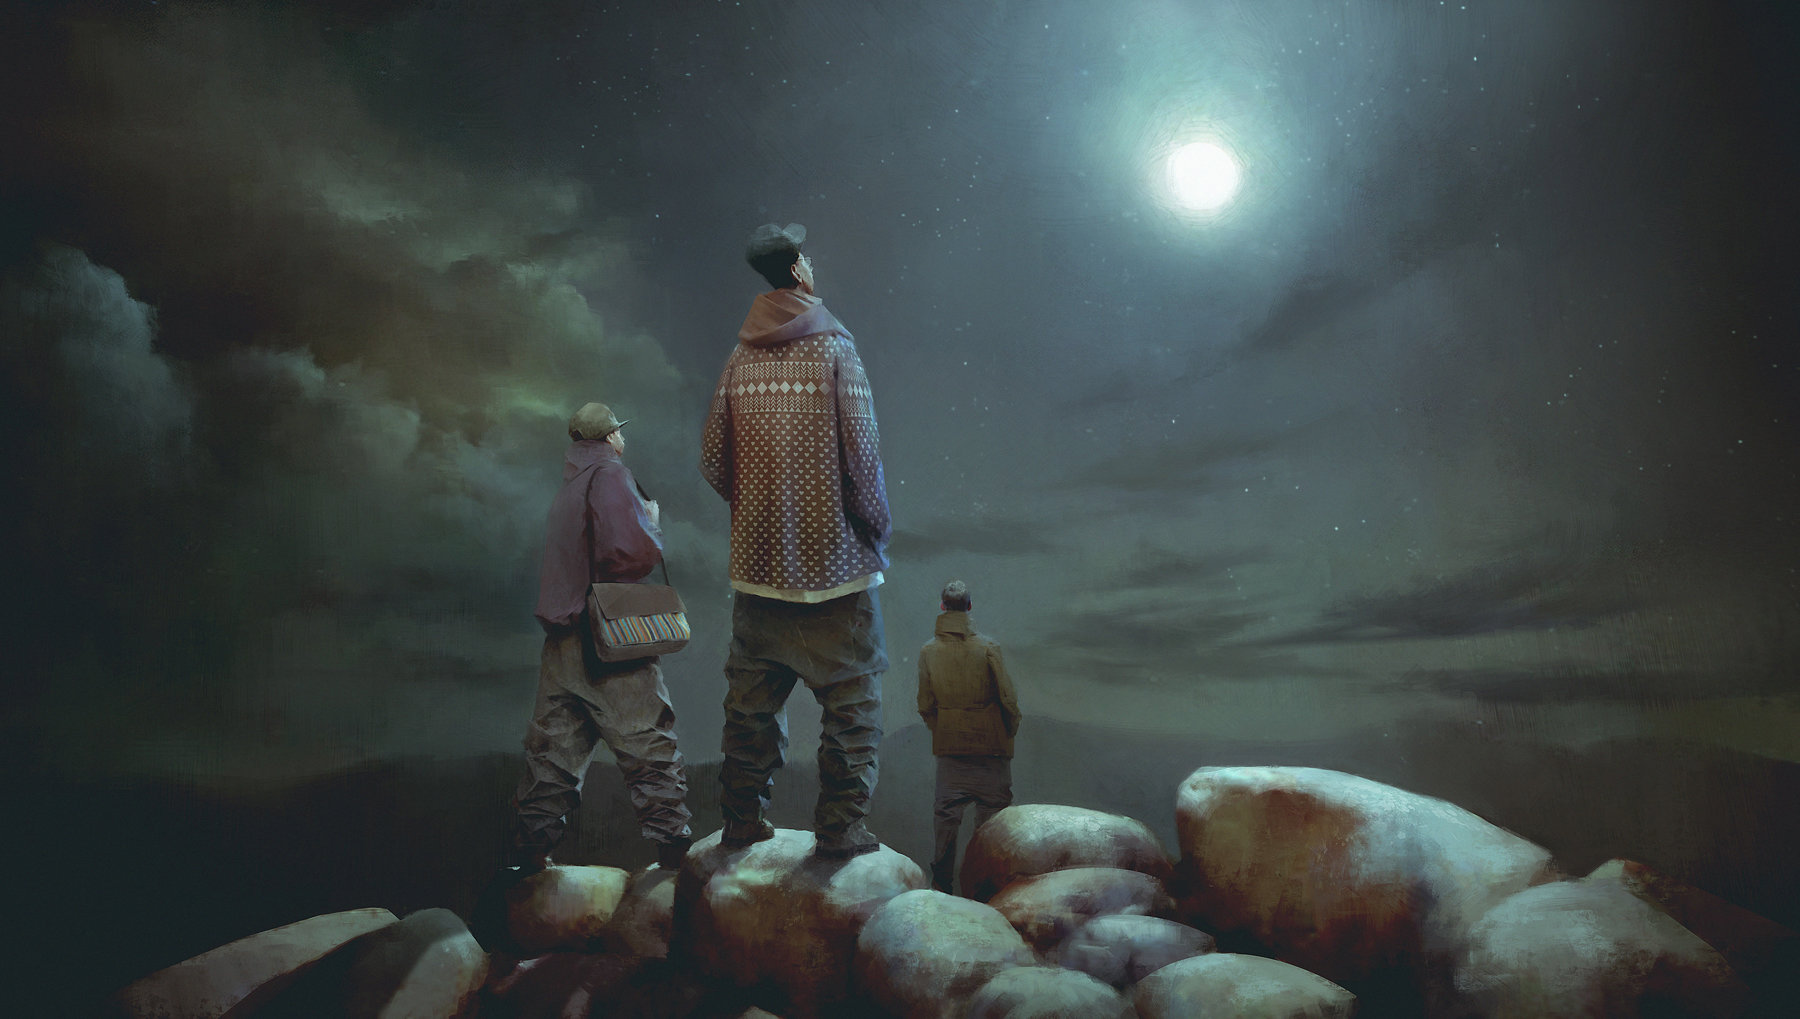 Piotr jablonski moon 01s